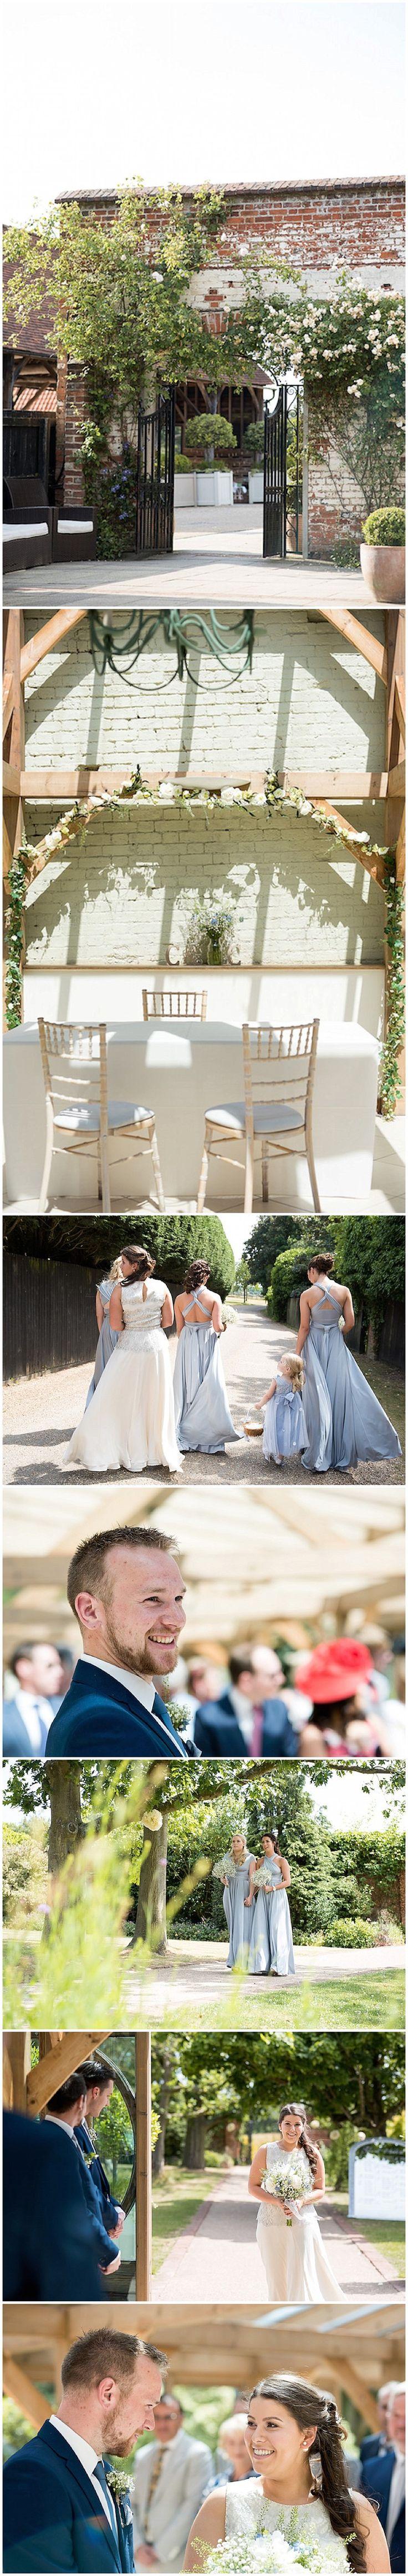 blue twobirds bridesmaids dresses